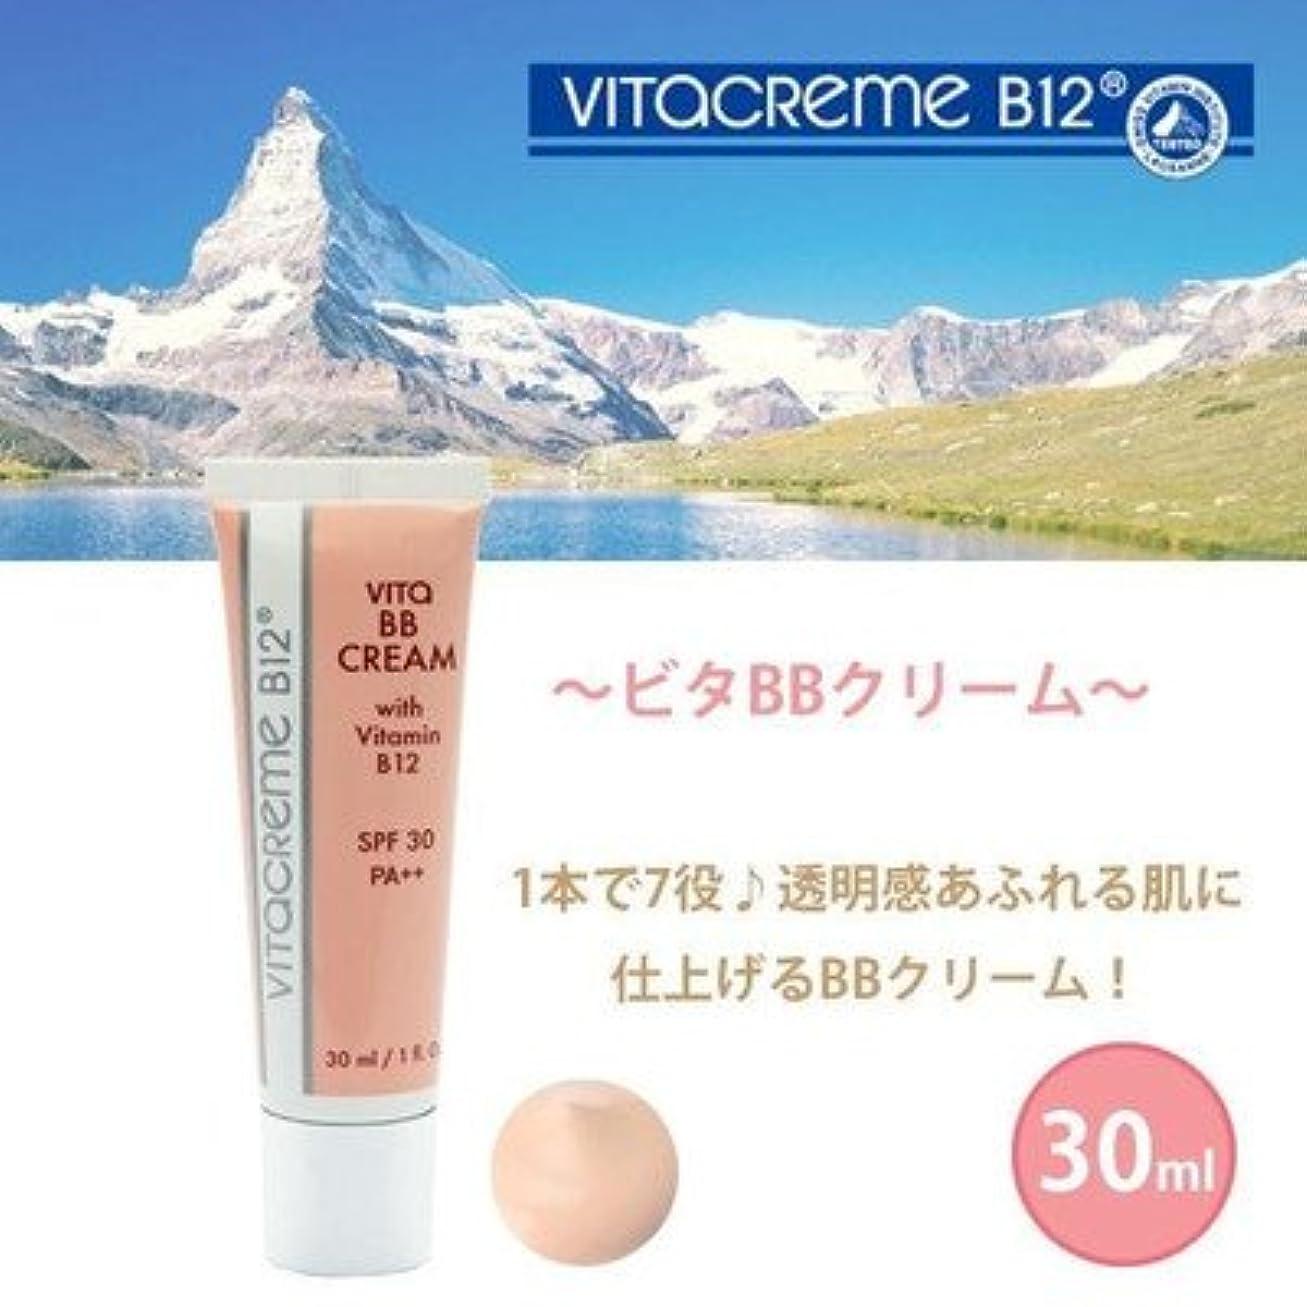 保全オセアニア添加透明感のある艶やかなお肌に ビタBBクリーム 30ml 正規品 VTB238